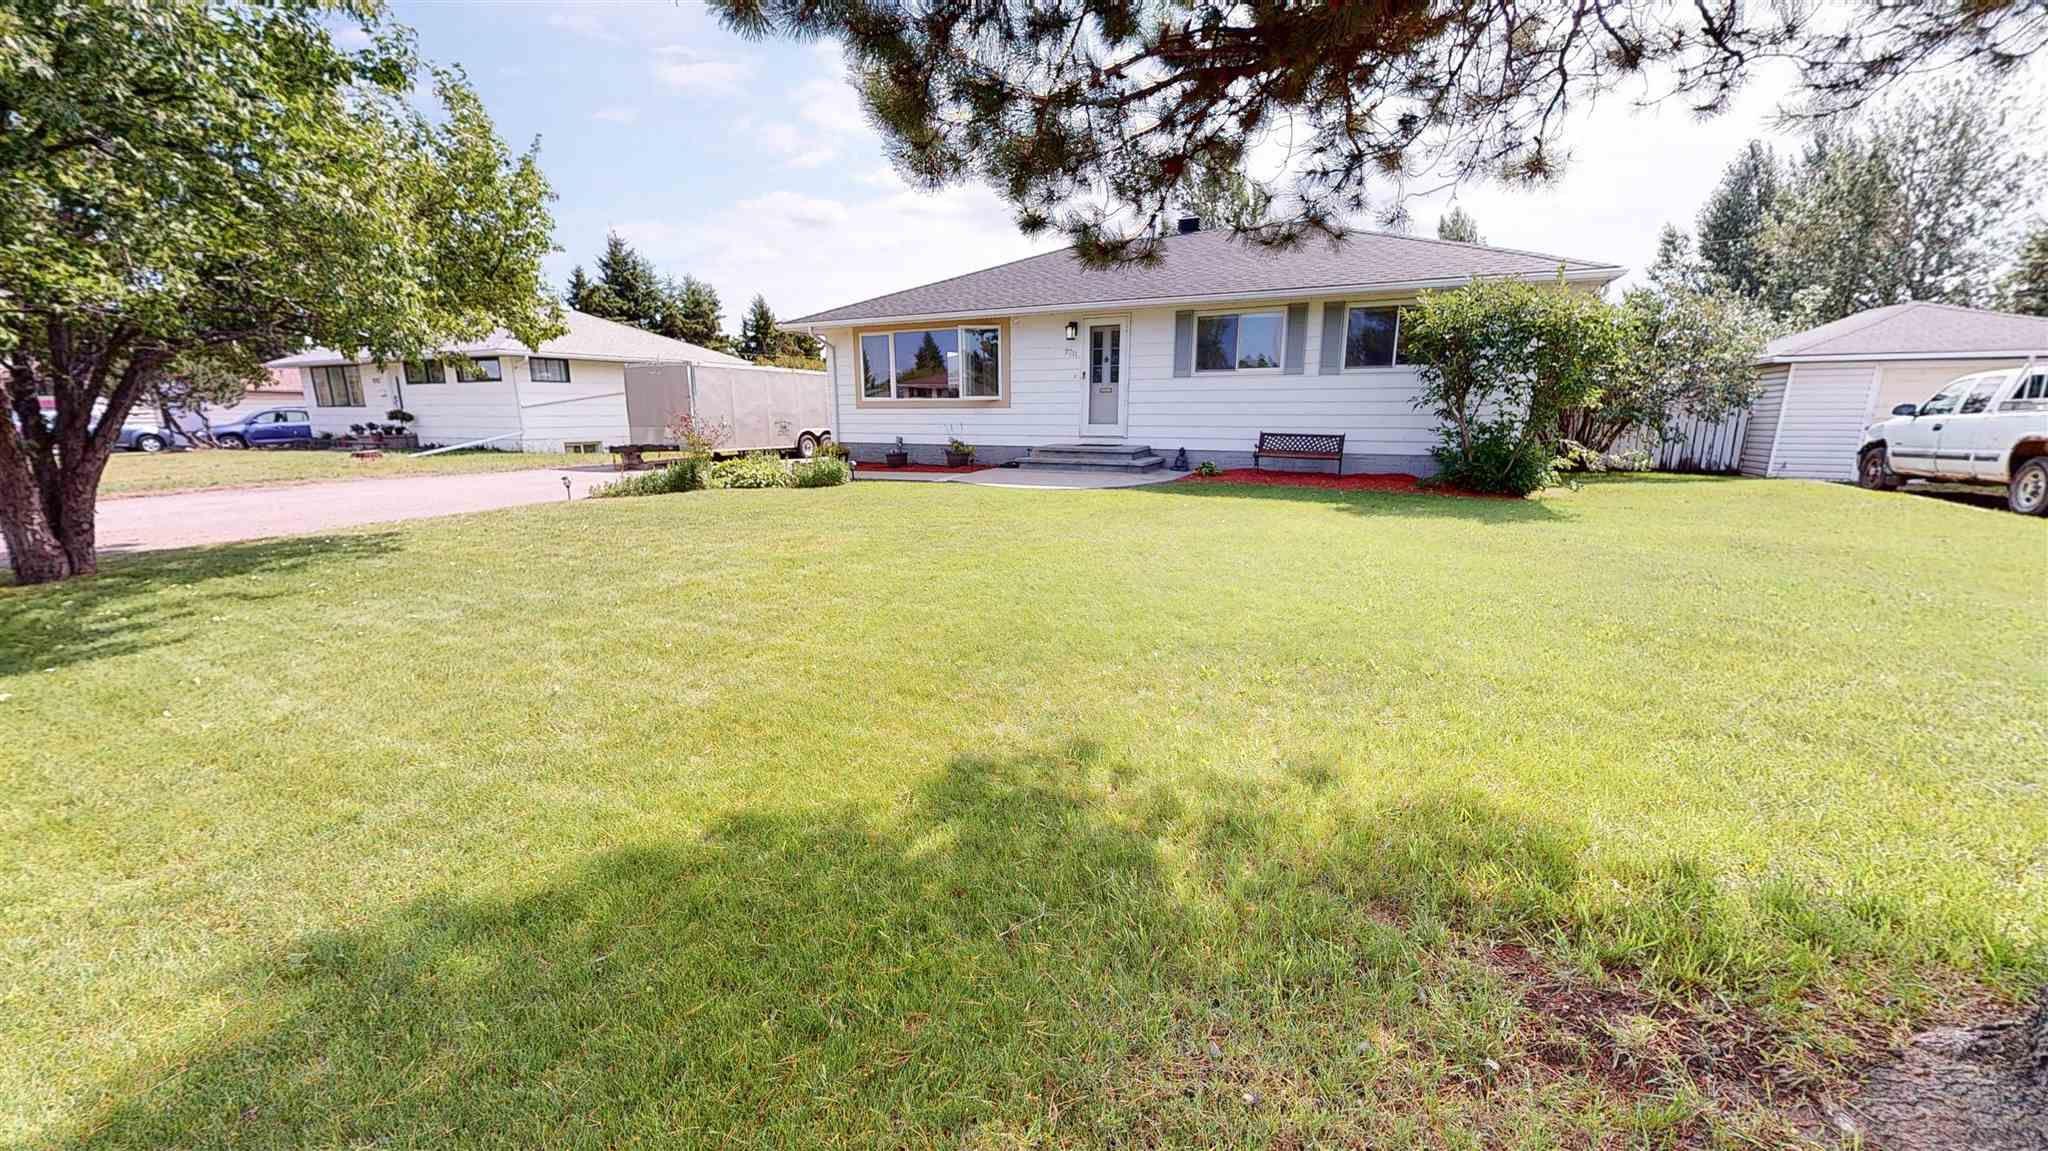 Main Photo: 9711 104 Avenue in Fort St. John: Fort St. John - City NE House for sale (Fort St. John (Zone 60))  : MLS®# R2604505